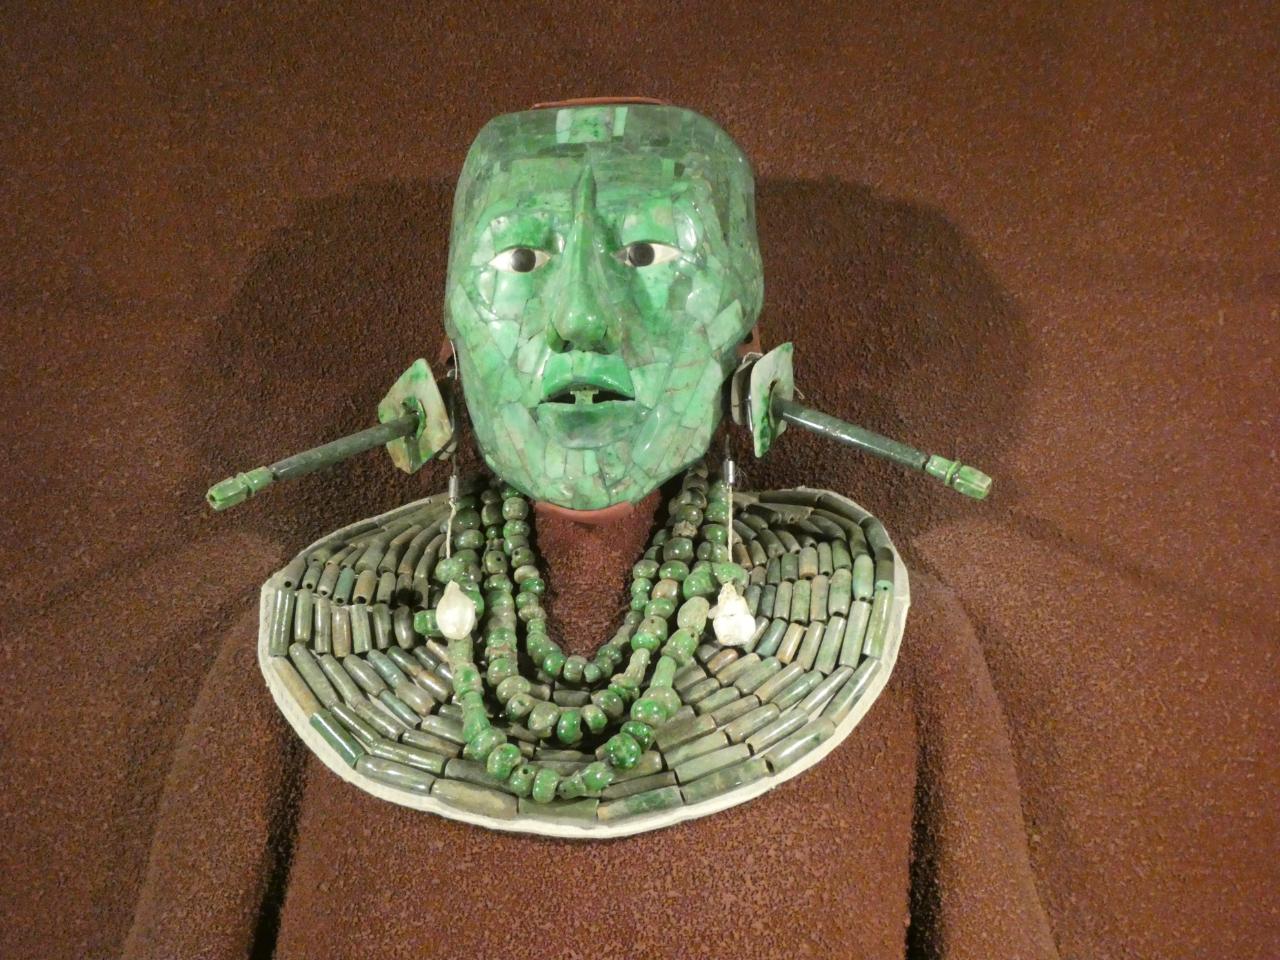 Photo 3: Mexico City, le Musée d'Anthropologie... un must...